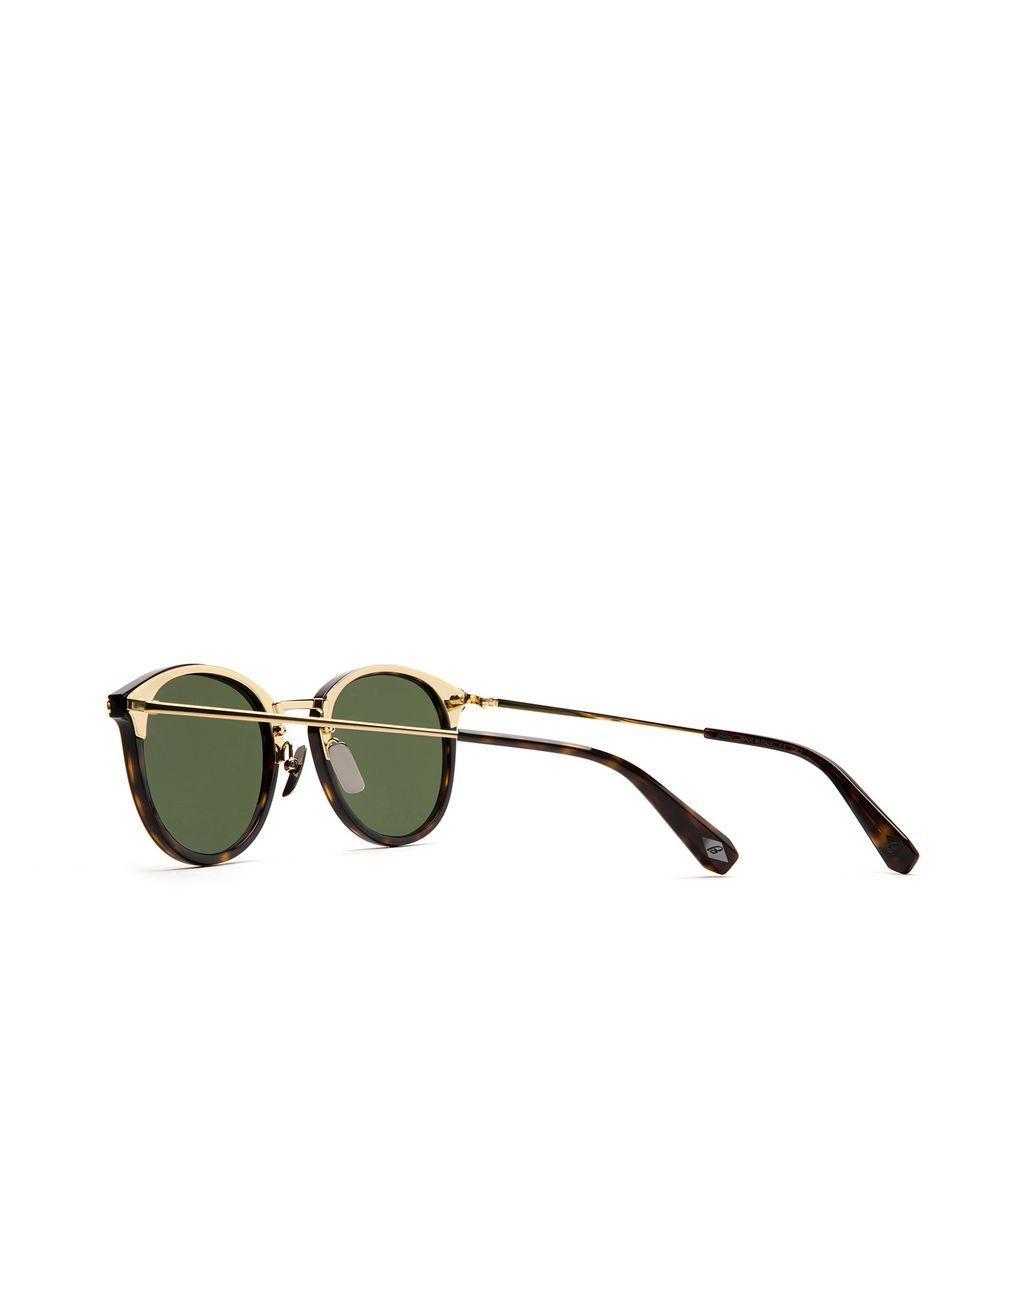 BRIONI Occhiali da Sole Avana con Lenti Verdi Occhiali da Sole Uomo d